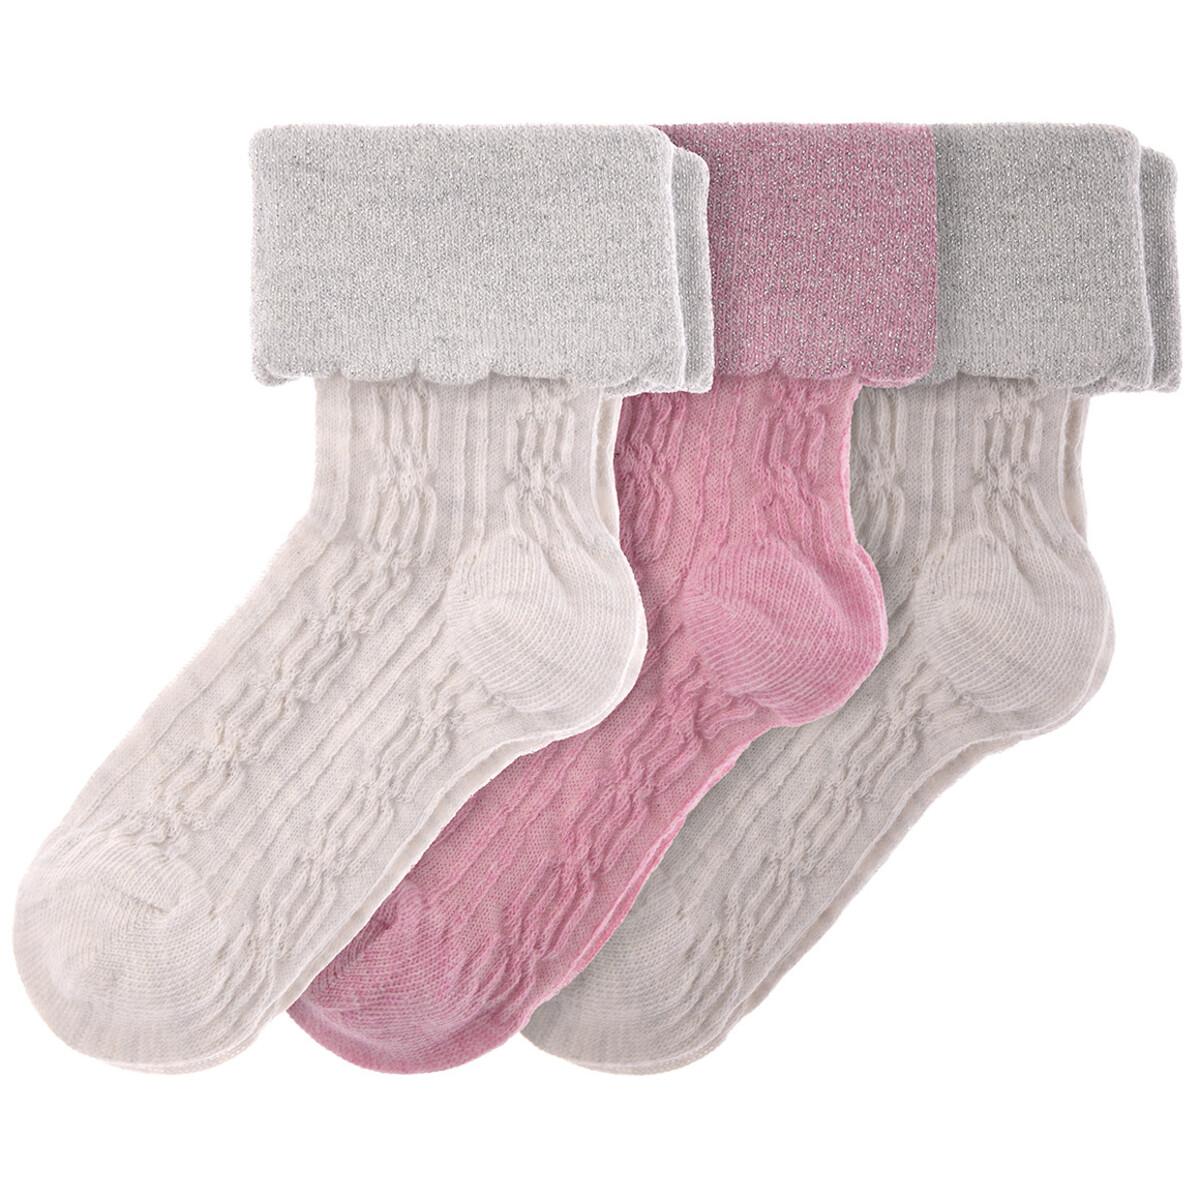 Bild 1 von 3 Paar Baby Socken mit Glitzer